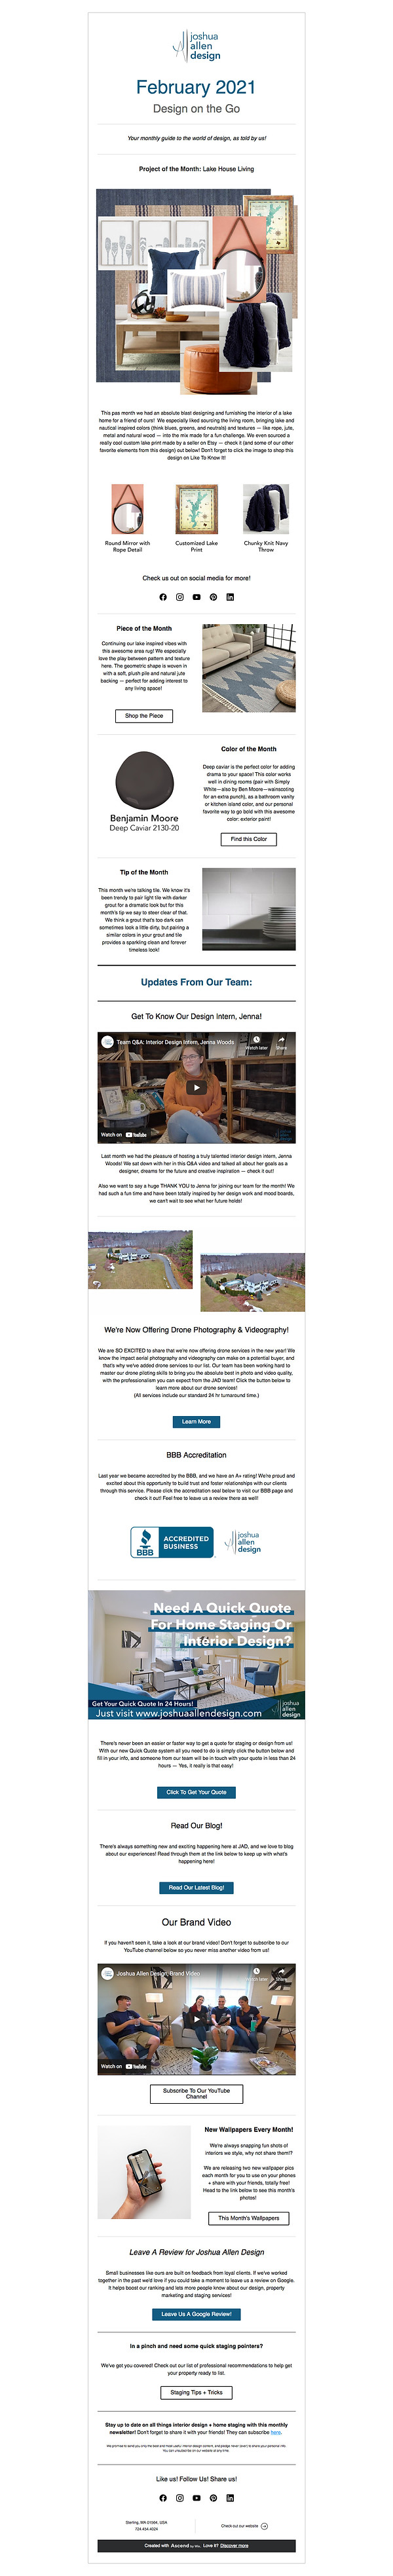 February 2021 design on the go newslette